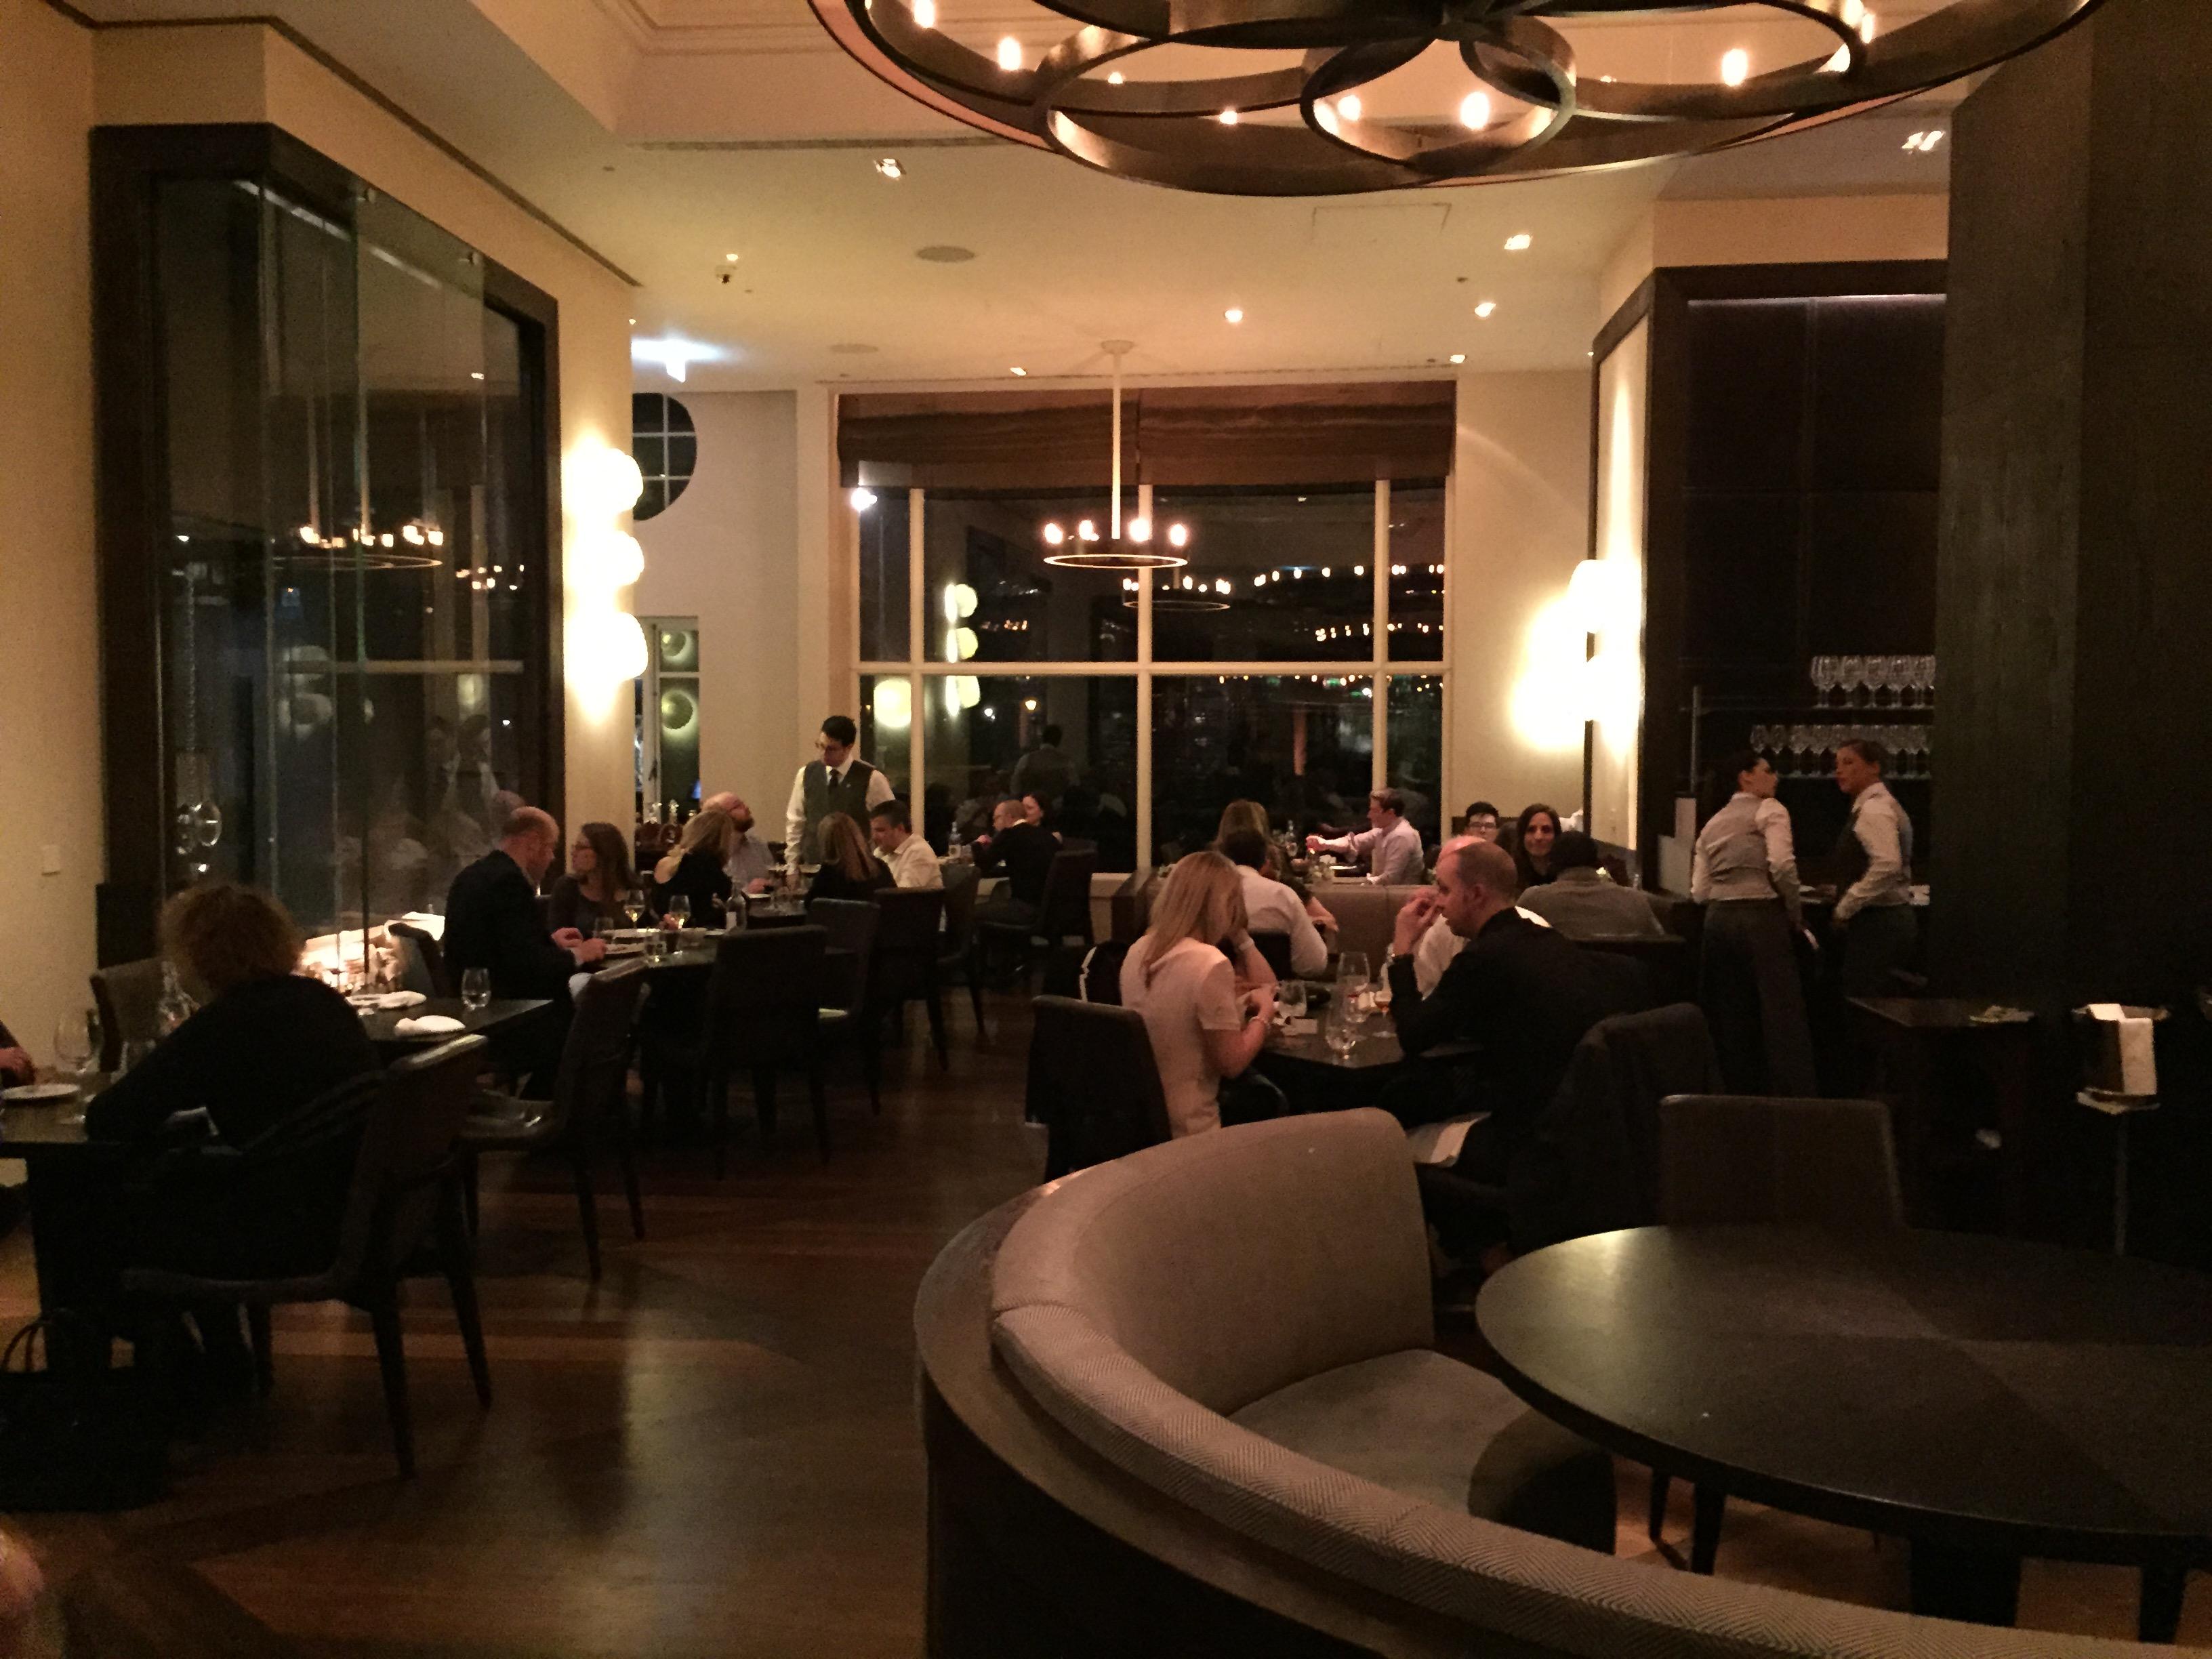 Dinner by heston blumenthal dime un restaurante - Restaurante singapur valencia ...